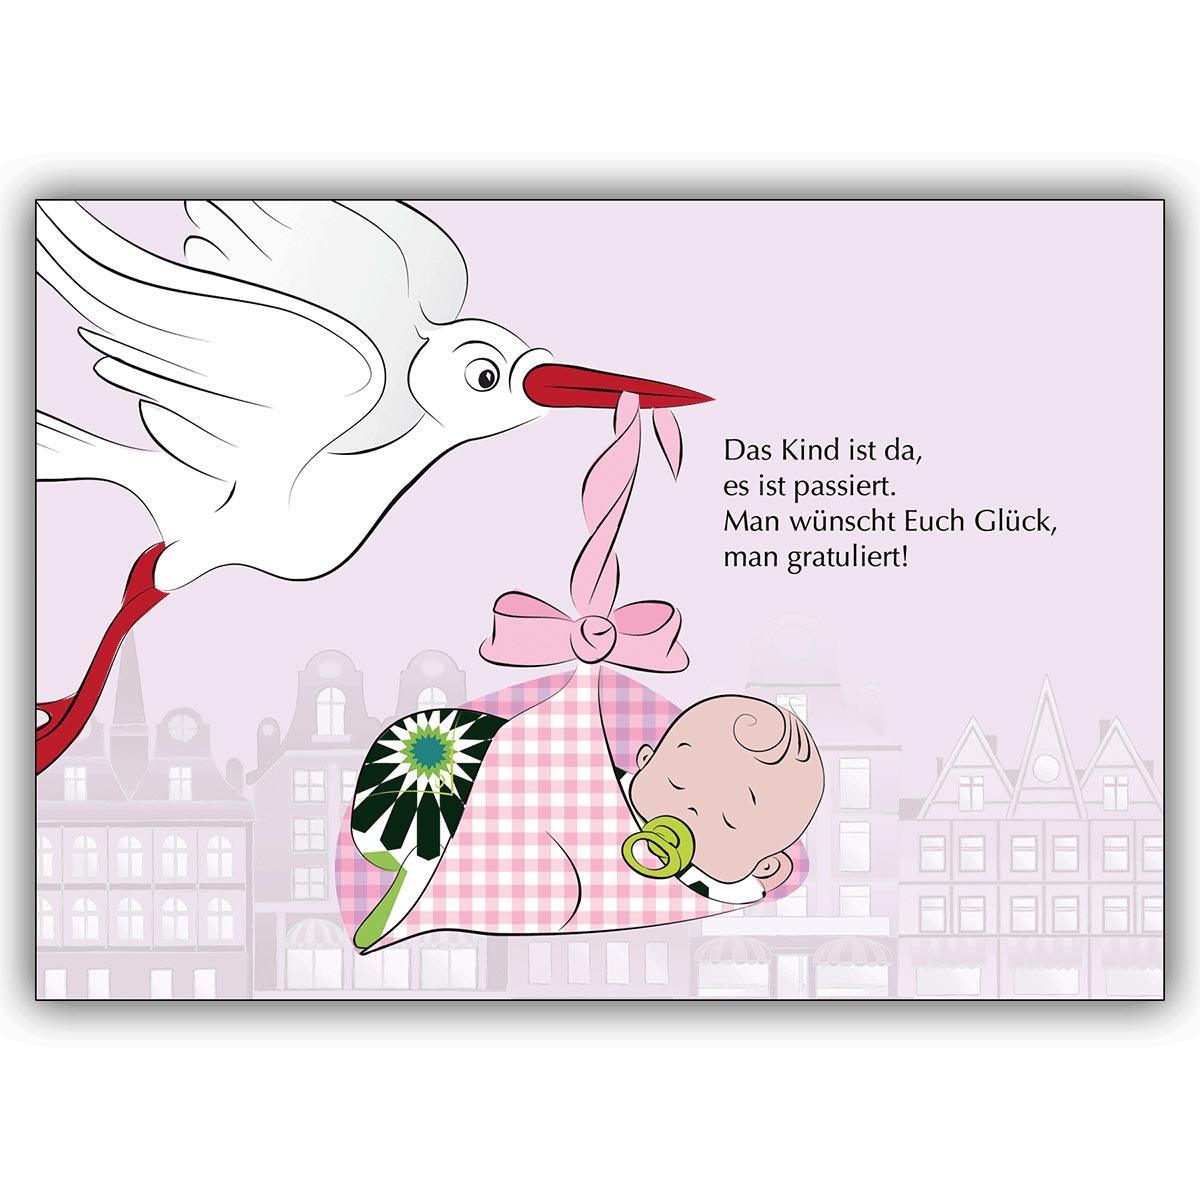 Susse Baby Madchen Gluckwunschkarte Zur Geburt In Rosa Mit Storch